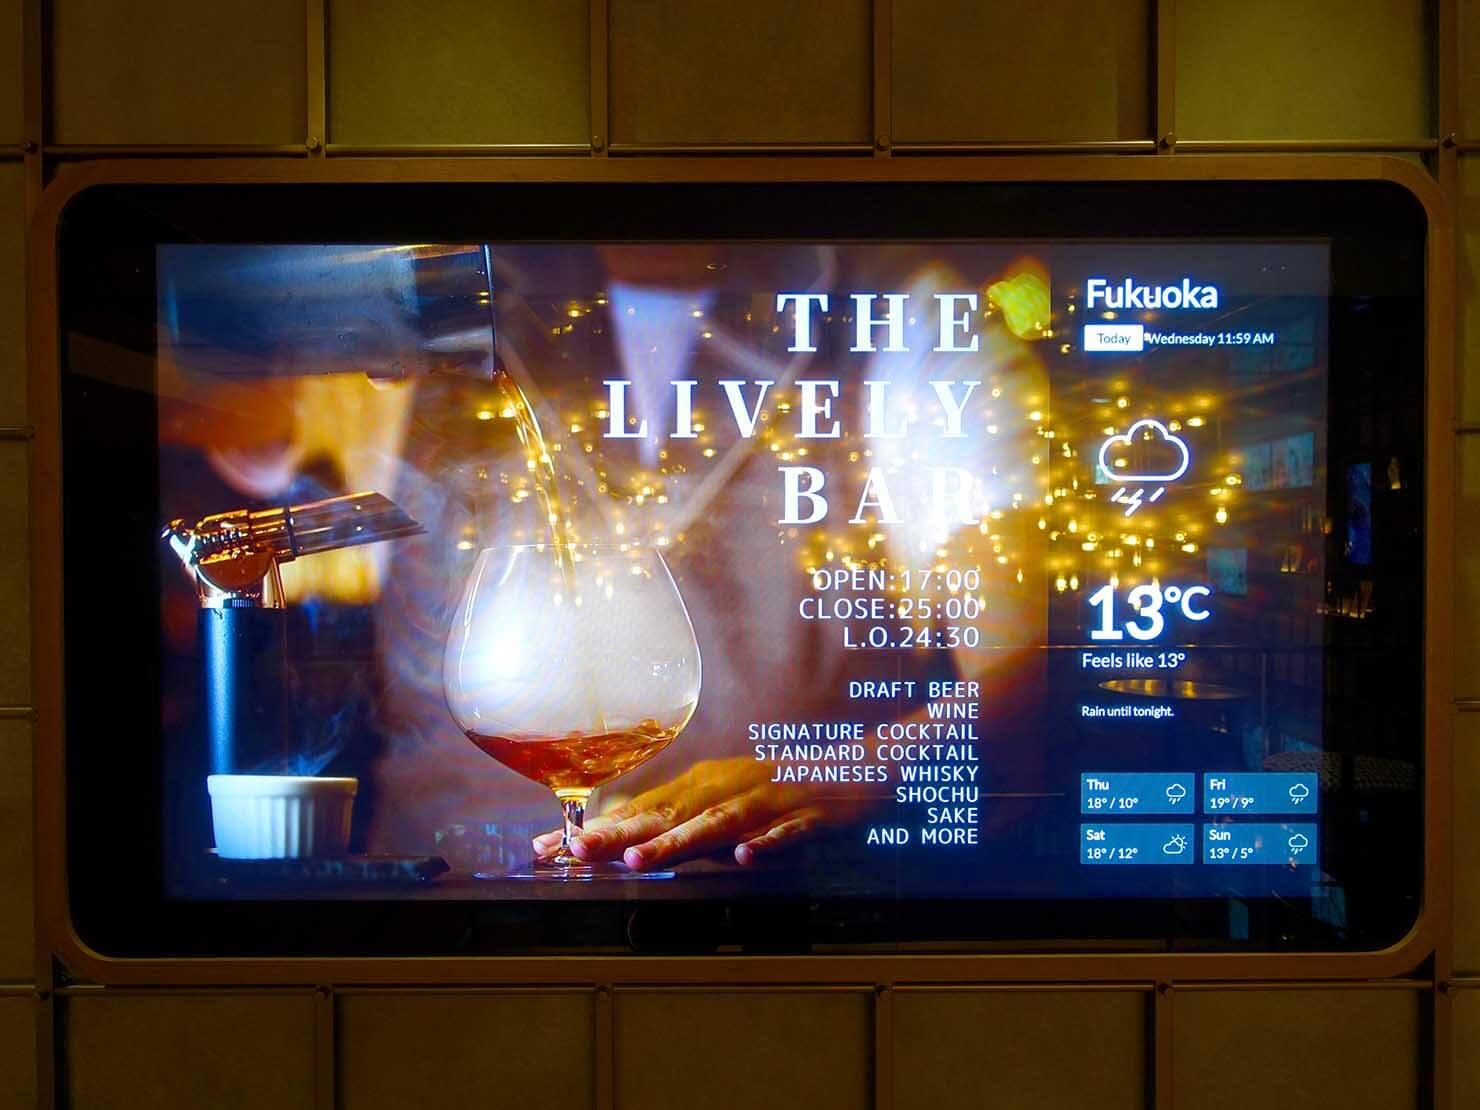 福岡・中洲川端にあるおしゃれなおすすめホテル「THE LIVELY」のモニター